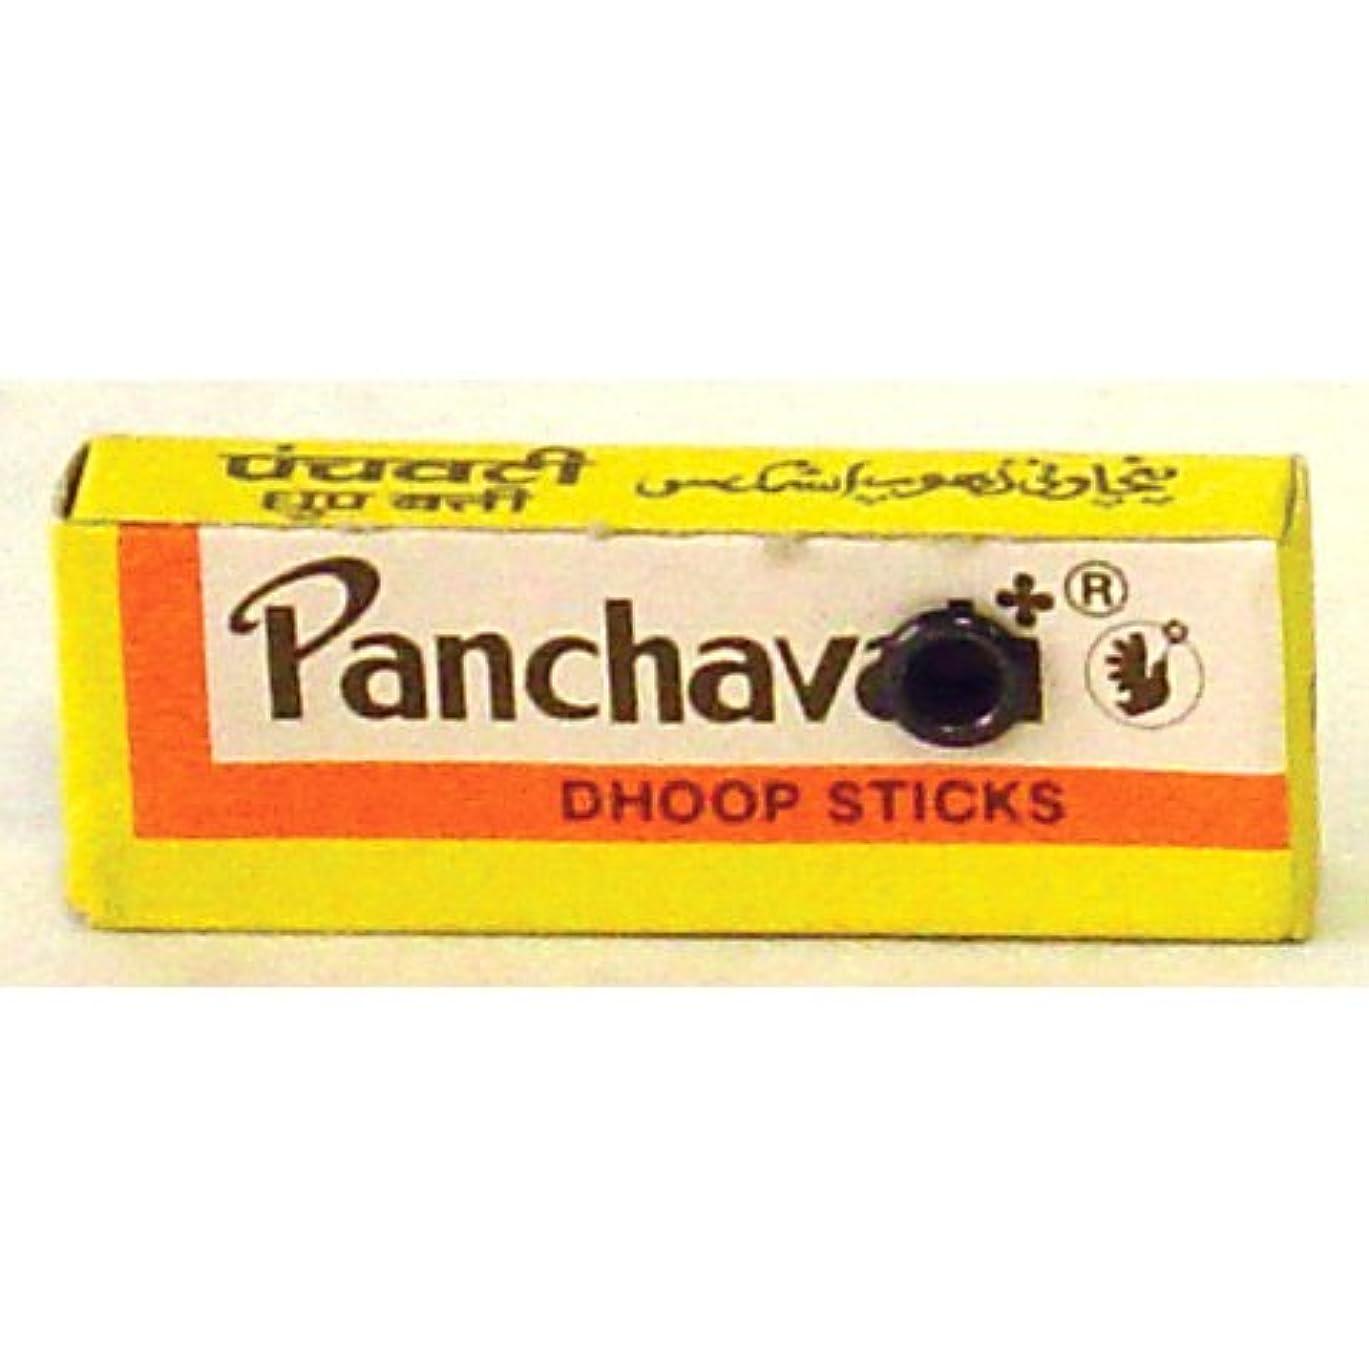 モニカクラックポットゴミ箱小さな12 DhoopスティックPanchavatiボックスof 10 Sticks